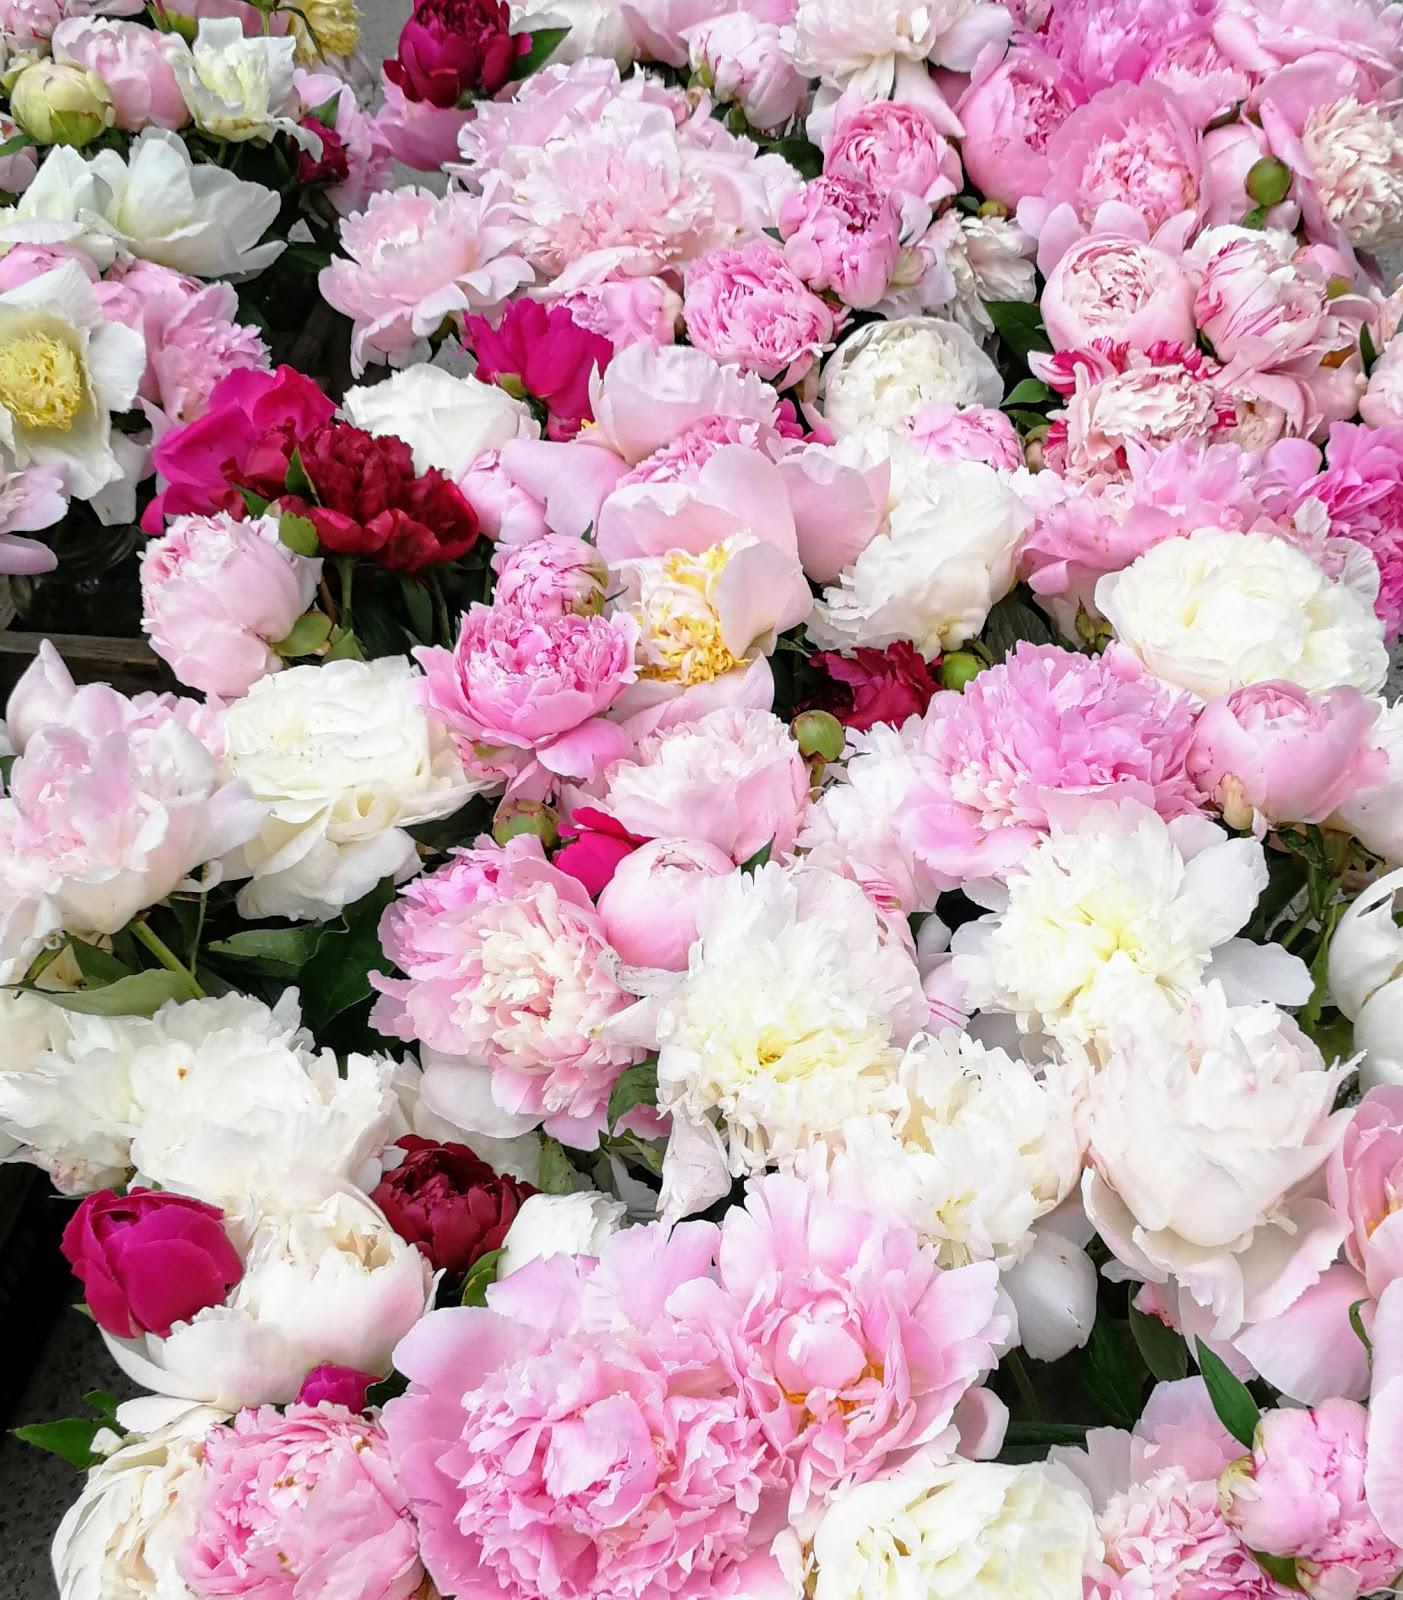 Toronto Farmers Market, fresh flowers, pink flowers, pink peonies